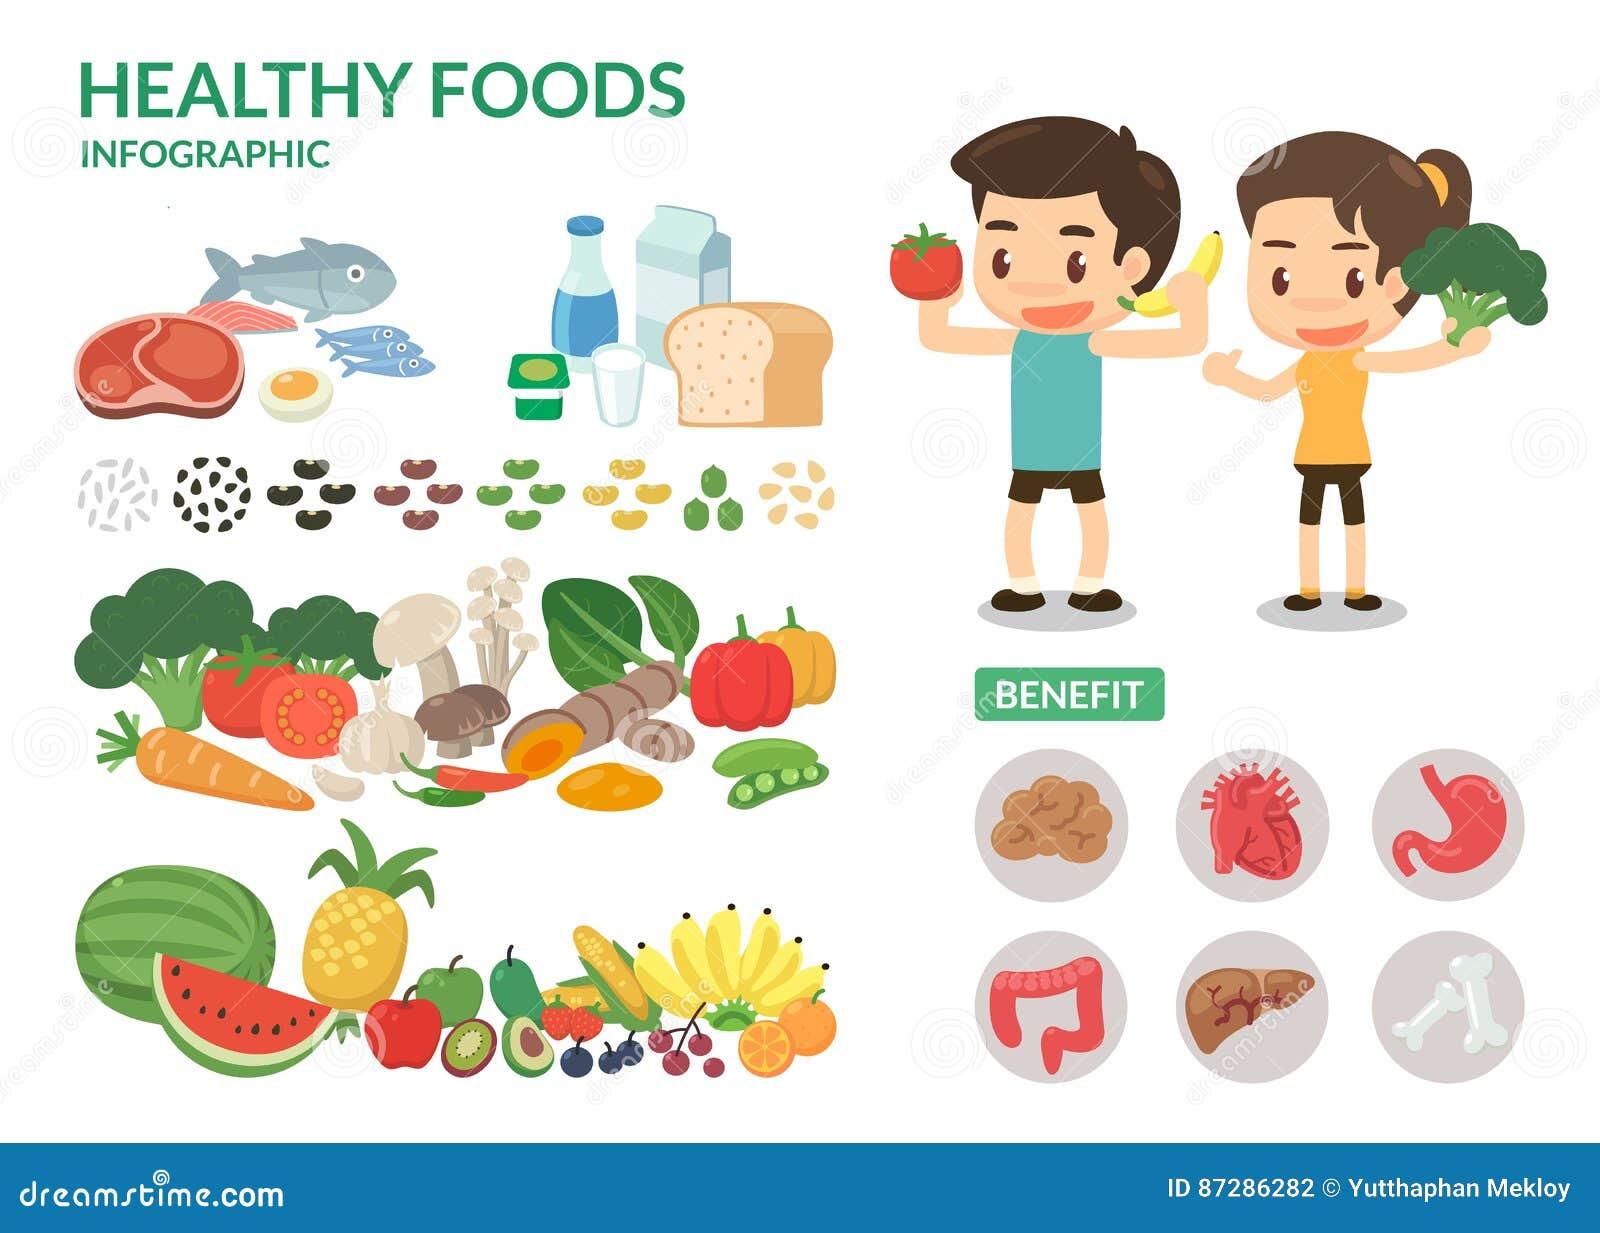 Όφελος των υγιών τροφίμων καλή ζωή